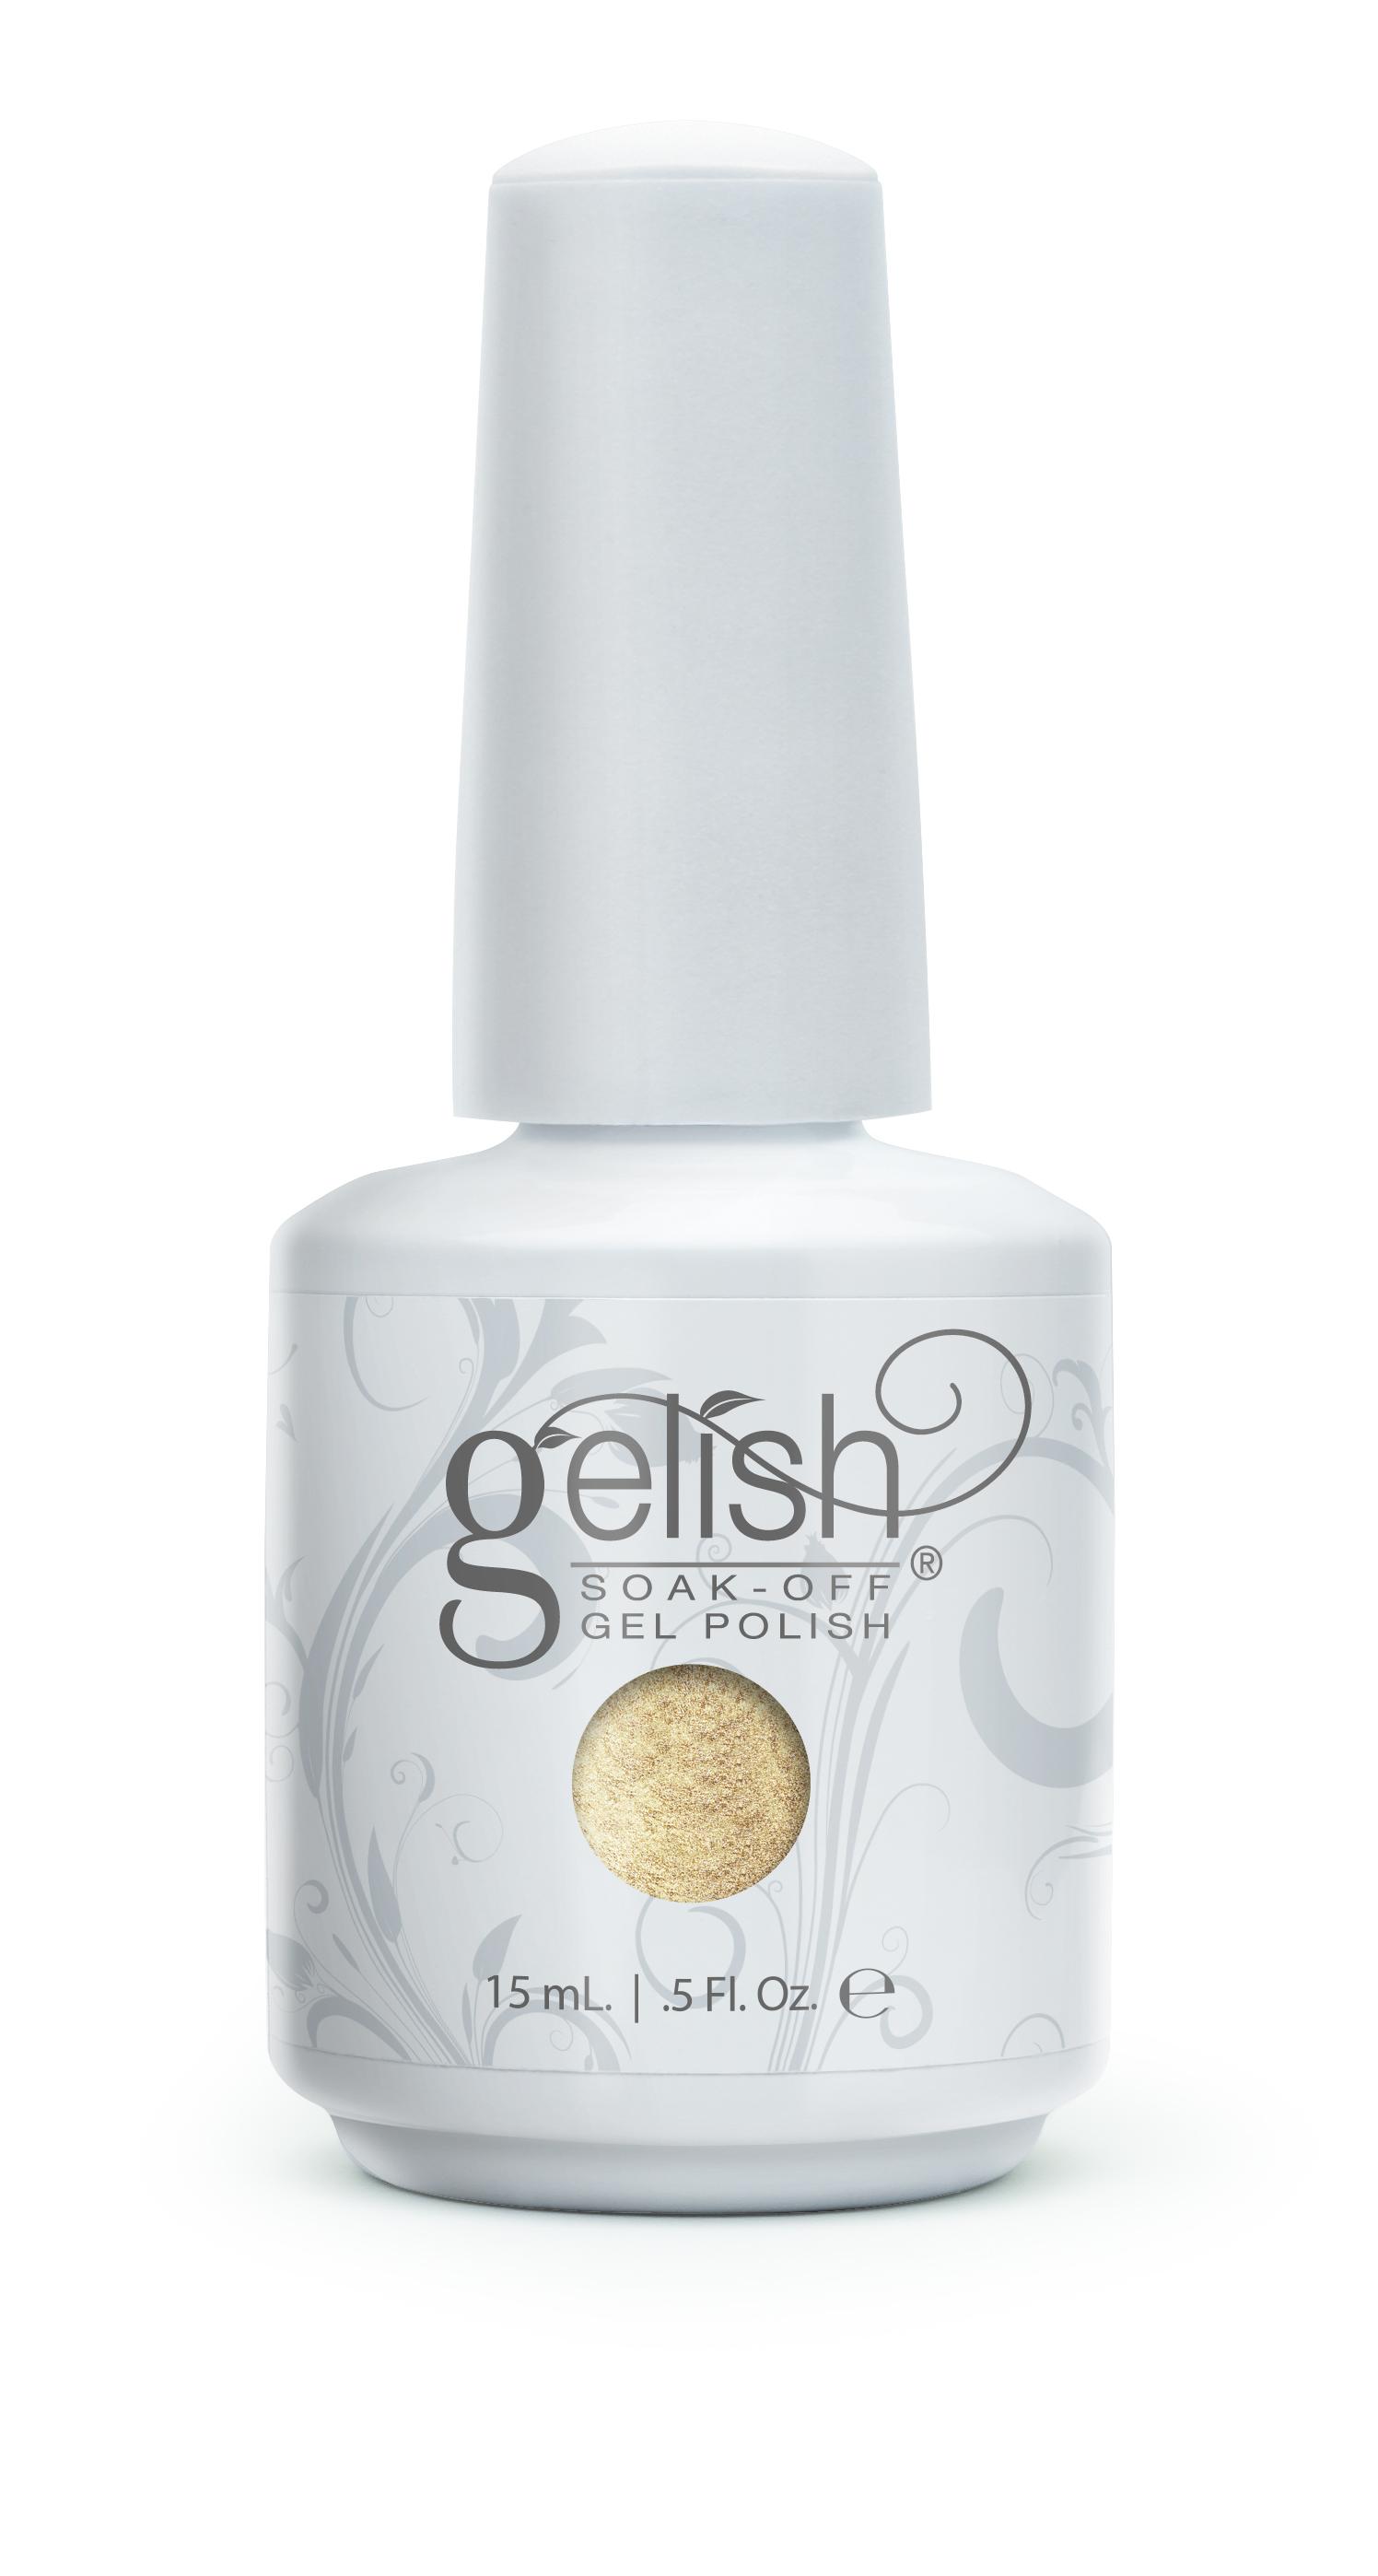 GELISH Гель-лак Give Me Gold / GELISH 15млГель-лаки<br>Гель-лак Gelish наносится на ноготь как лак, с помощью кисточки под колпачком. Процедура нанесения схожа с&amp;nbsp;нанесением обычного цветного покрытия. Все гель-лаки Harmony Gelish выполняют функцию еще и укрепляющего геля, делая ногти более прочными и длинными. Ногти клиента находятся под защитой гель-лака, они не ломаются и не расслаиваются. Гель-лаки Gelish после сушки в LED или УФ лампах держатся на натуральных ногтях рук до 3 недель, а на ногтях ног до 5 недель. Способ применения: Подготовительный этап. Для начала нужно сделать маникюр. В зависимости от ваших предпочтений это может быть европейский, классический обрезной, СПА или аппаратный маникюр. Главное, сдвинуть кутикулу с ногтевого ложа и удалить ороговевшие участки кожи вокруг ногтей. Особенностью этой системы является то, что перед нанесением базового слоя необходимо обработать ноготь шлифовочным бафом Harmony Buffer 100/180 грит, для того, чтобы снять глянец. Это поможет улучшить сцепку покрытия с ногтем. Пыль, которая осталась после опила, излишки жира и влаги удаляются с помощью обезжиривателя Бондер / GELISH pH Bond 15&amp;nbsp;мл или любого другого дегитратора. Нанесение искусственного покрытия Harmony.&amp;nbsp; После того, как подготовительные процедуры завершены, можно приступать непосредственно к нанесению искусственного покрытия Harmony Gelish. Как и все гелевые лаки, продукцию этого бренда необходимо полимеризовать в лампе. Гель-лаки Gelish сохнут (полимеризуются) под LED или УФ лампой. Время полимеризации: В LED лампе 18G/6G = 30 секунд В LED лампе Gelish Mini Pro = 45 секунд В УФ лампах 36 Вт = 120 секунд В УФ лампе Harmony Mini Portable UV Light = 180 секунд ПРИМЕЧАНИЕ: подвергать полимеризации необходимо каждый слой гель-лакового покрытия! 1)Первым наносится тонкий слой базового покрытия Gelish Foundation Soak Off Base Gel 15 мл. 2)Следующий шаг   нанесение цветного гель-лака Harmony Gelish.&amp;nbsp; 3)Заключительный этап Нанесени